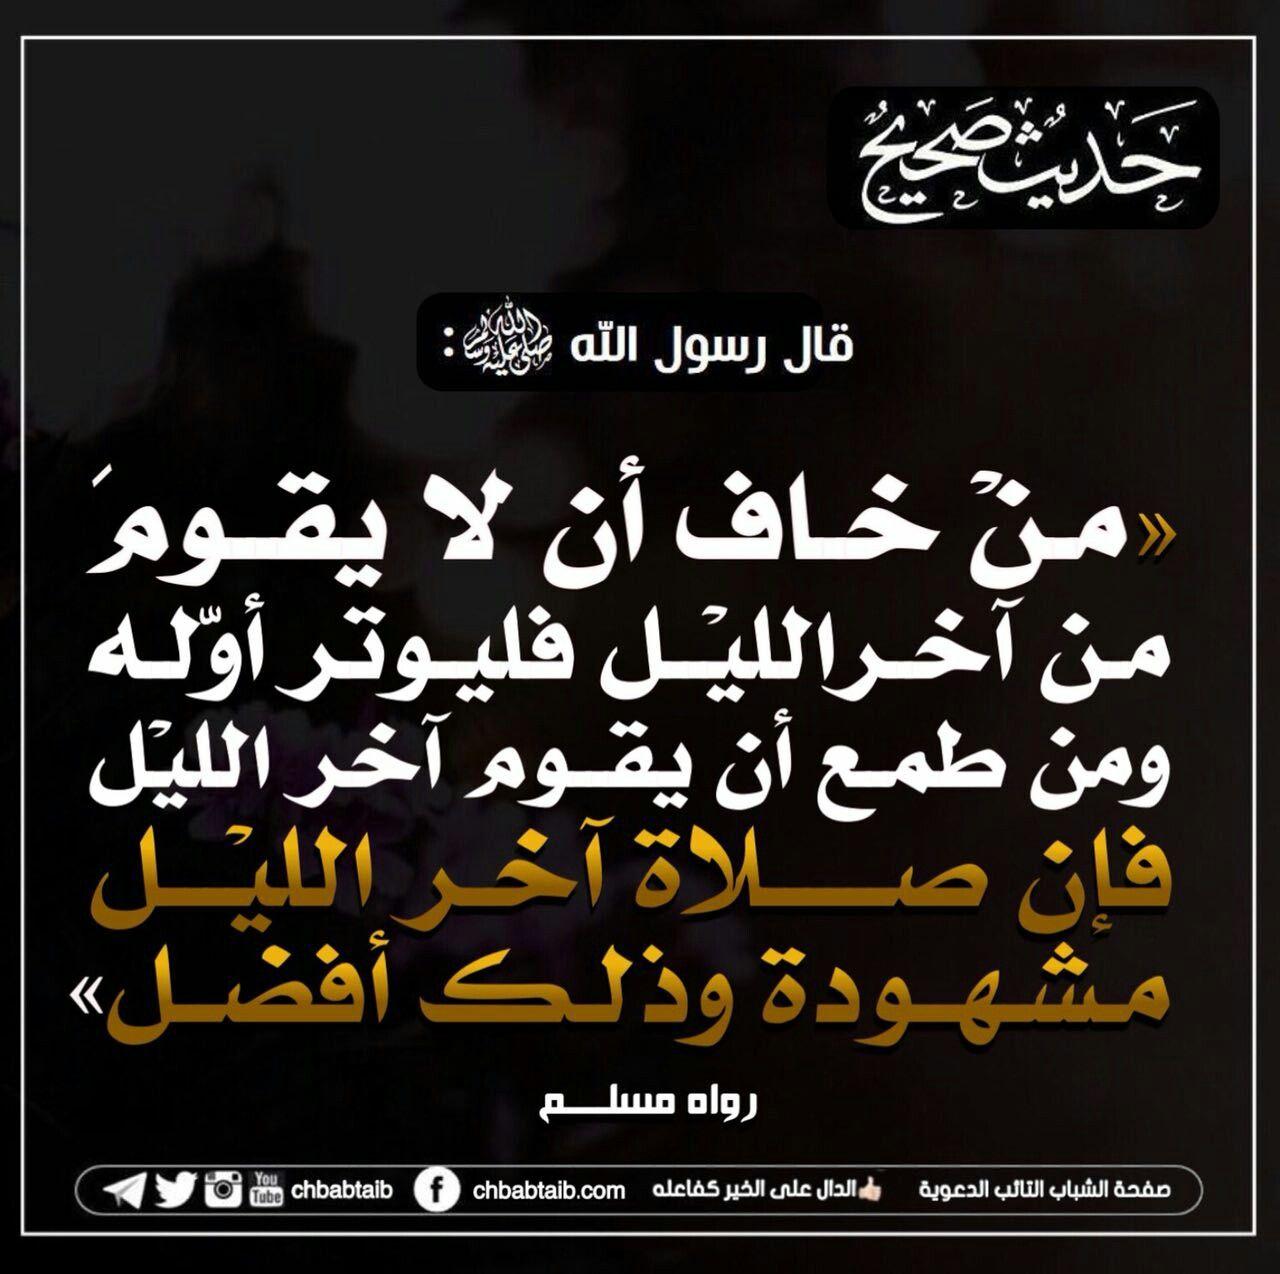 صلاة الوتر صلاة الليل القيام Quotes Hadith Islam